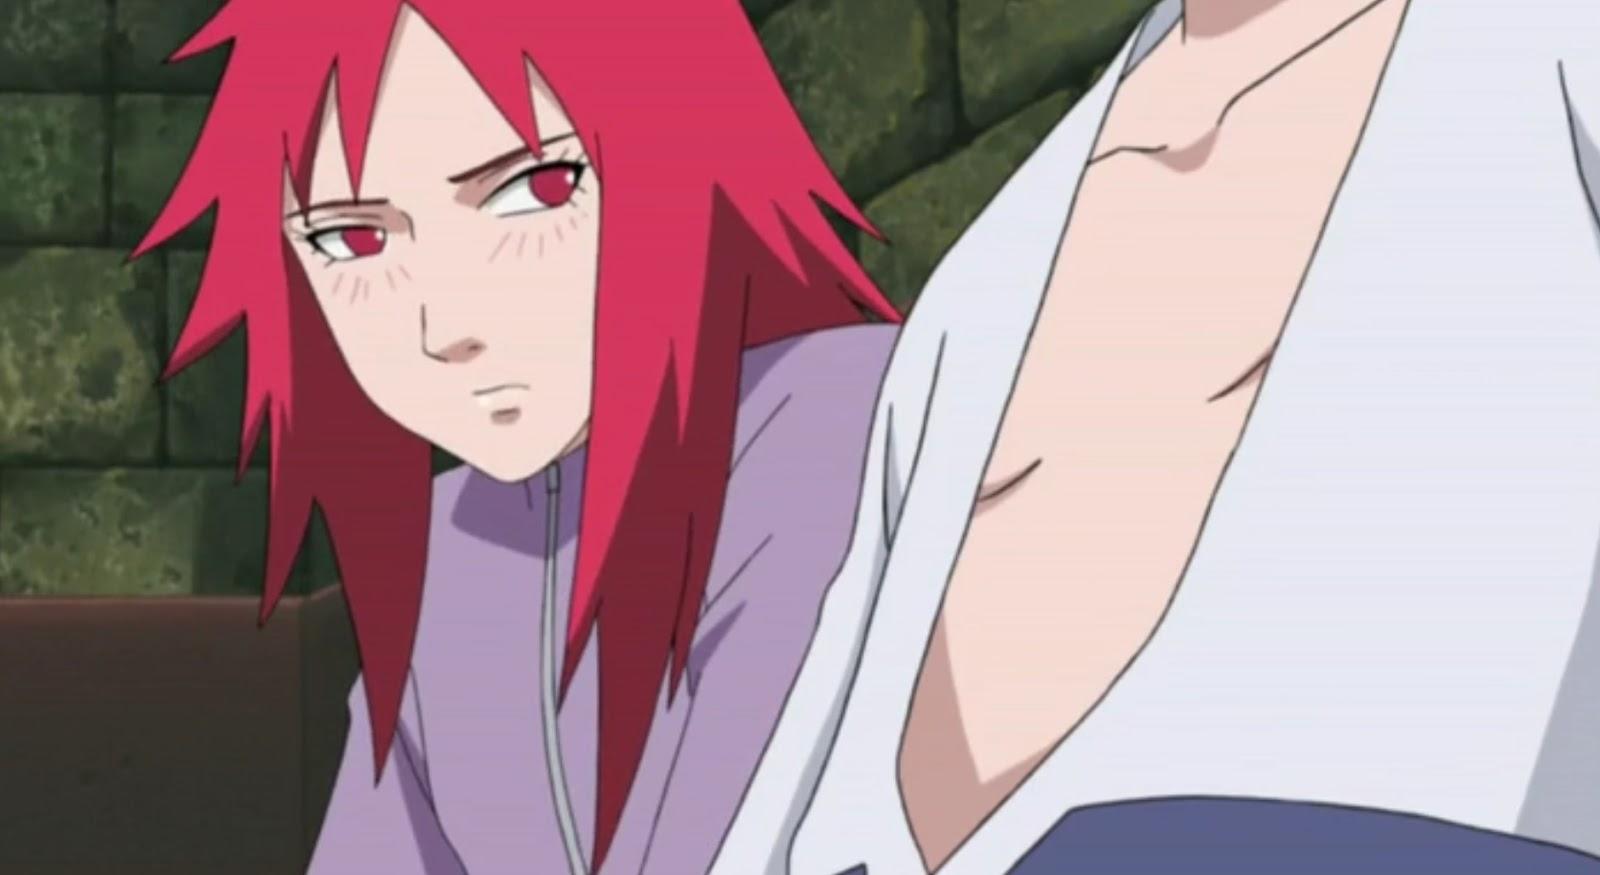 Naruto Shippuden Episódio 116,Naruto Shippuden Episódio 116, Assistir Naruto Shippuden Todos os Episódios Legendado, Naruto Shippuden episódio 116,HD